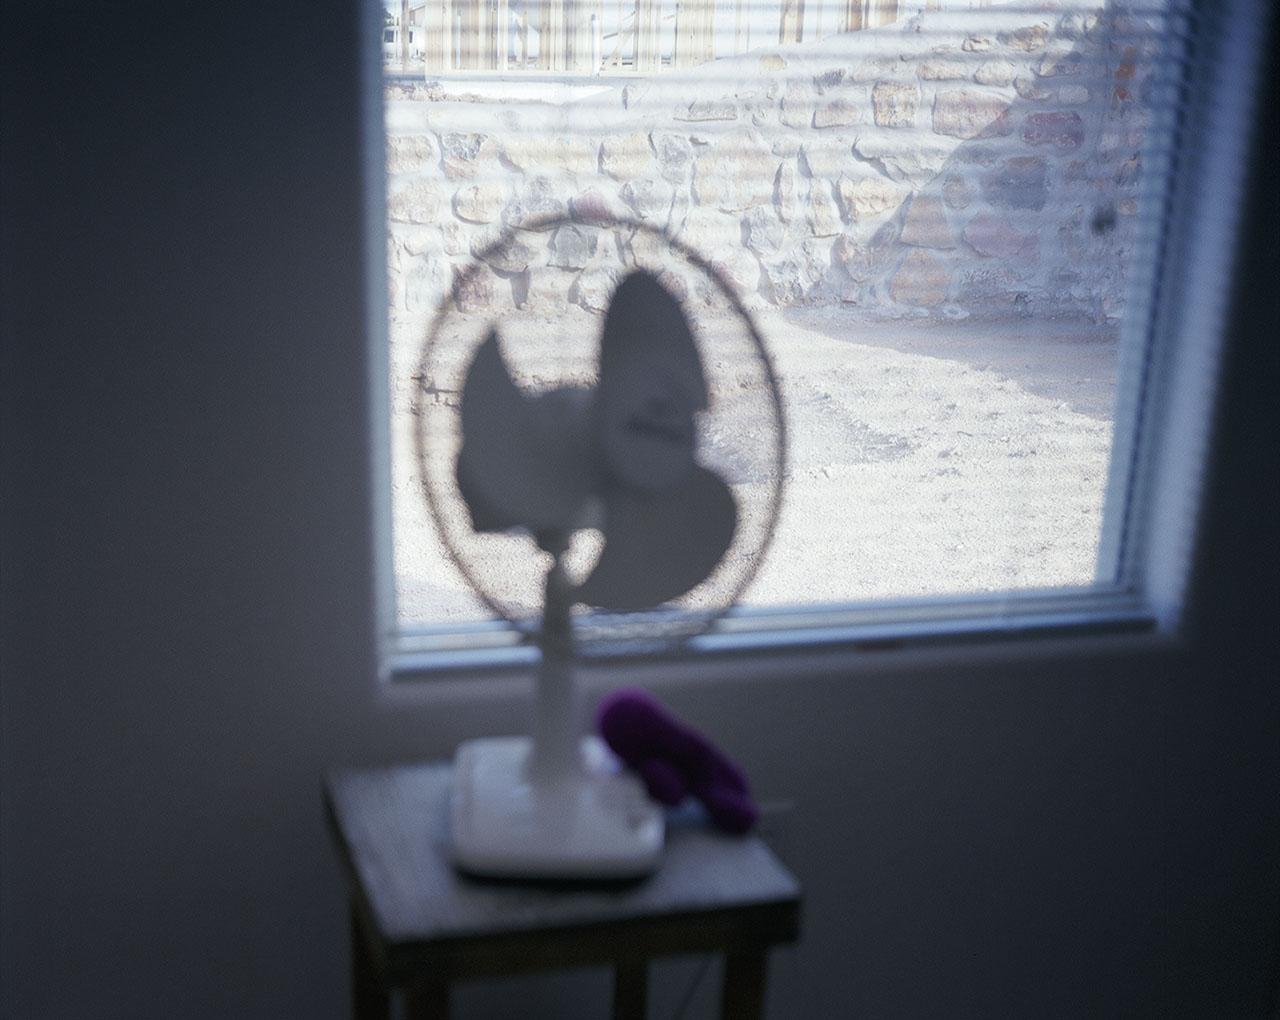 Fan in Las Cruces